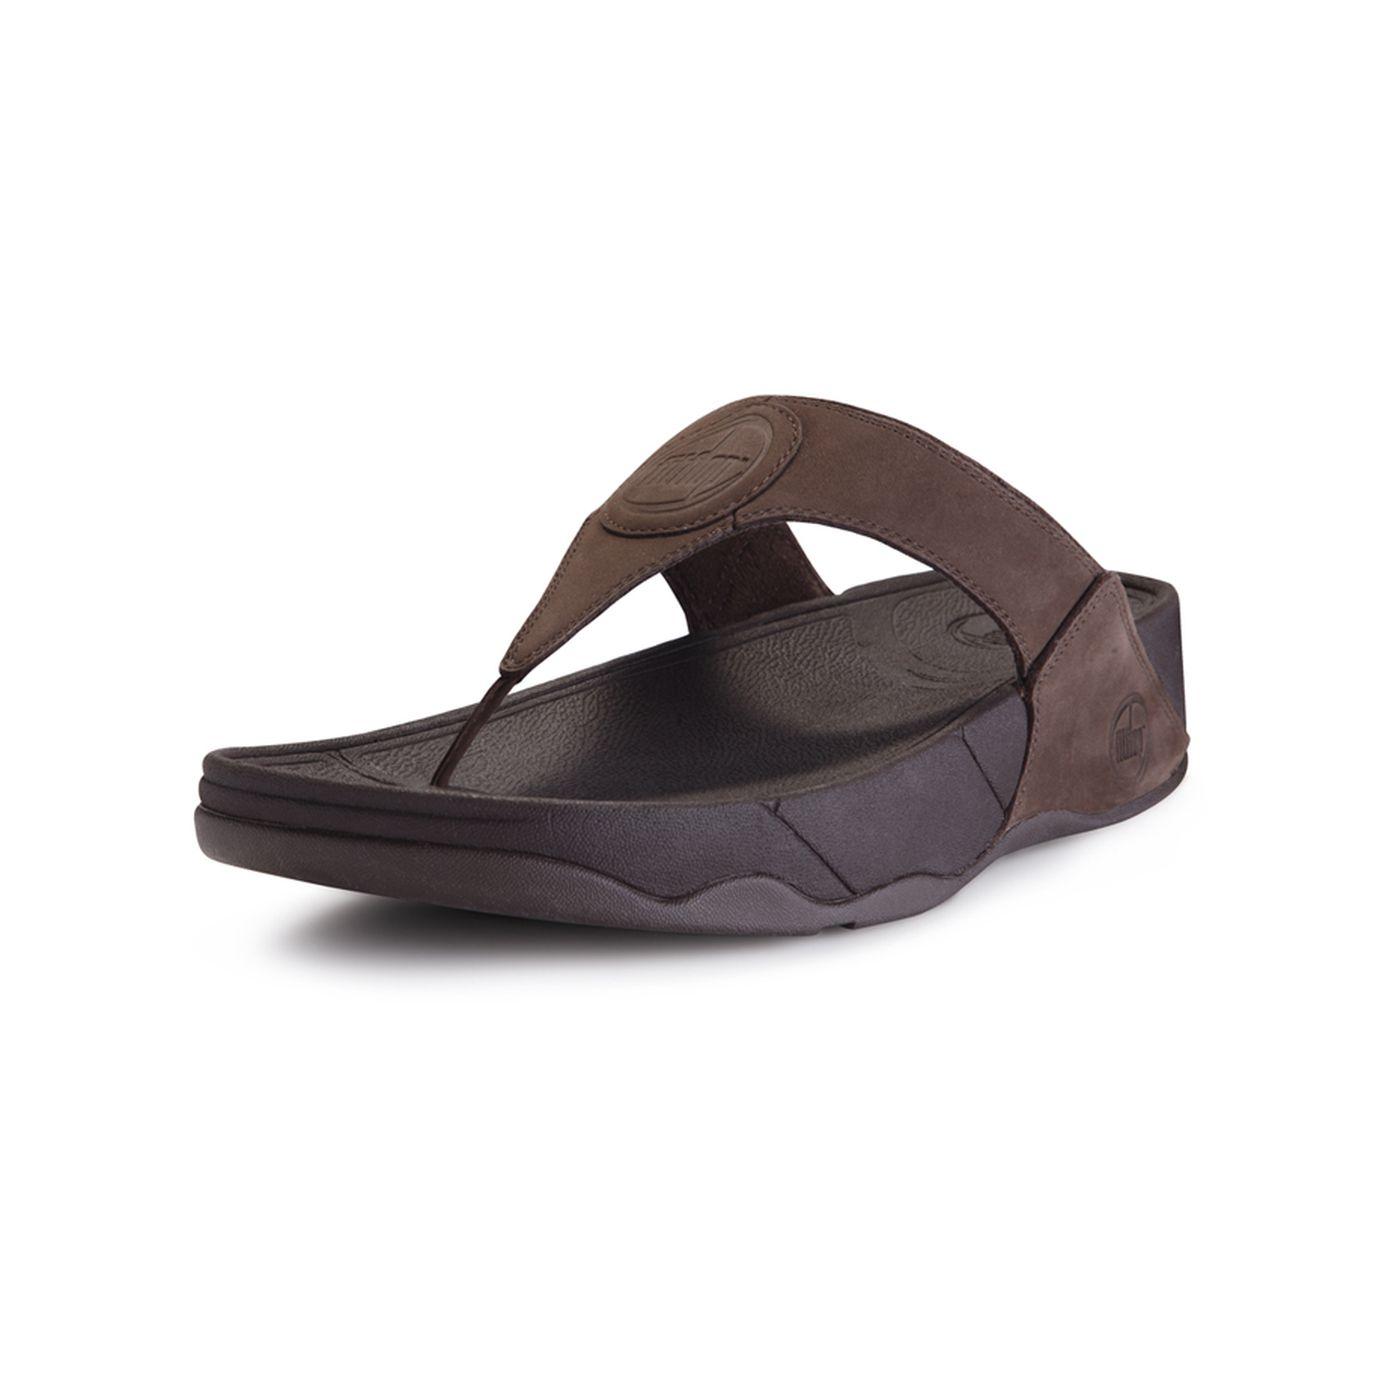 e5a2c812848c52 Fitflop Womens Walkstar Iii Nubuck Thong Sandals